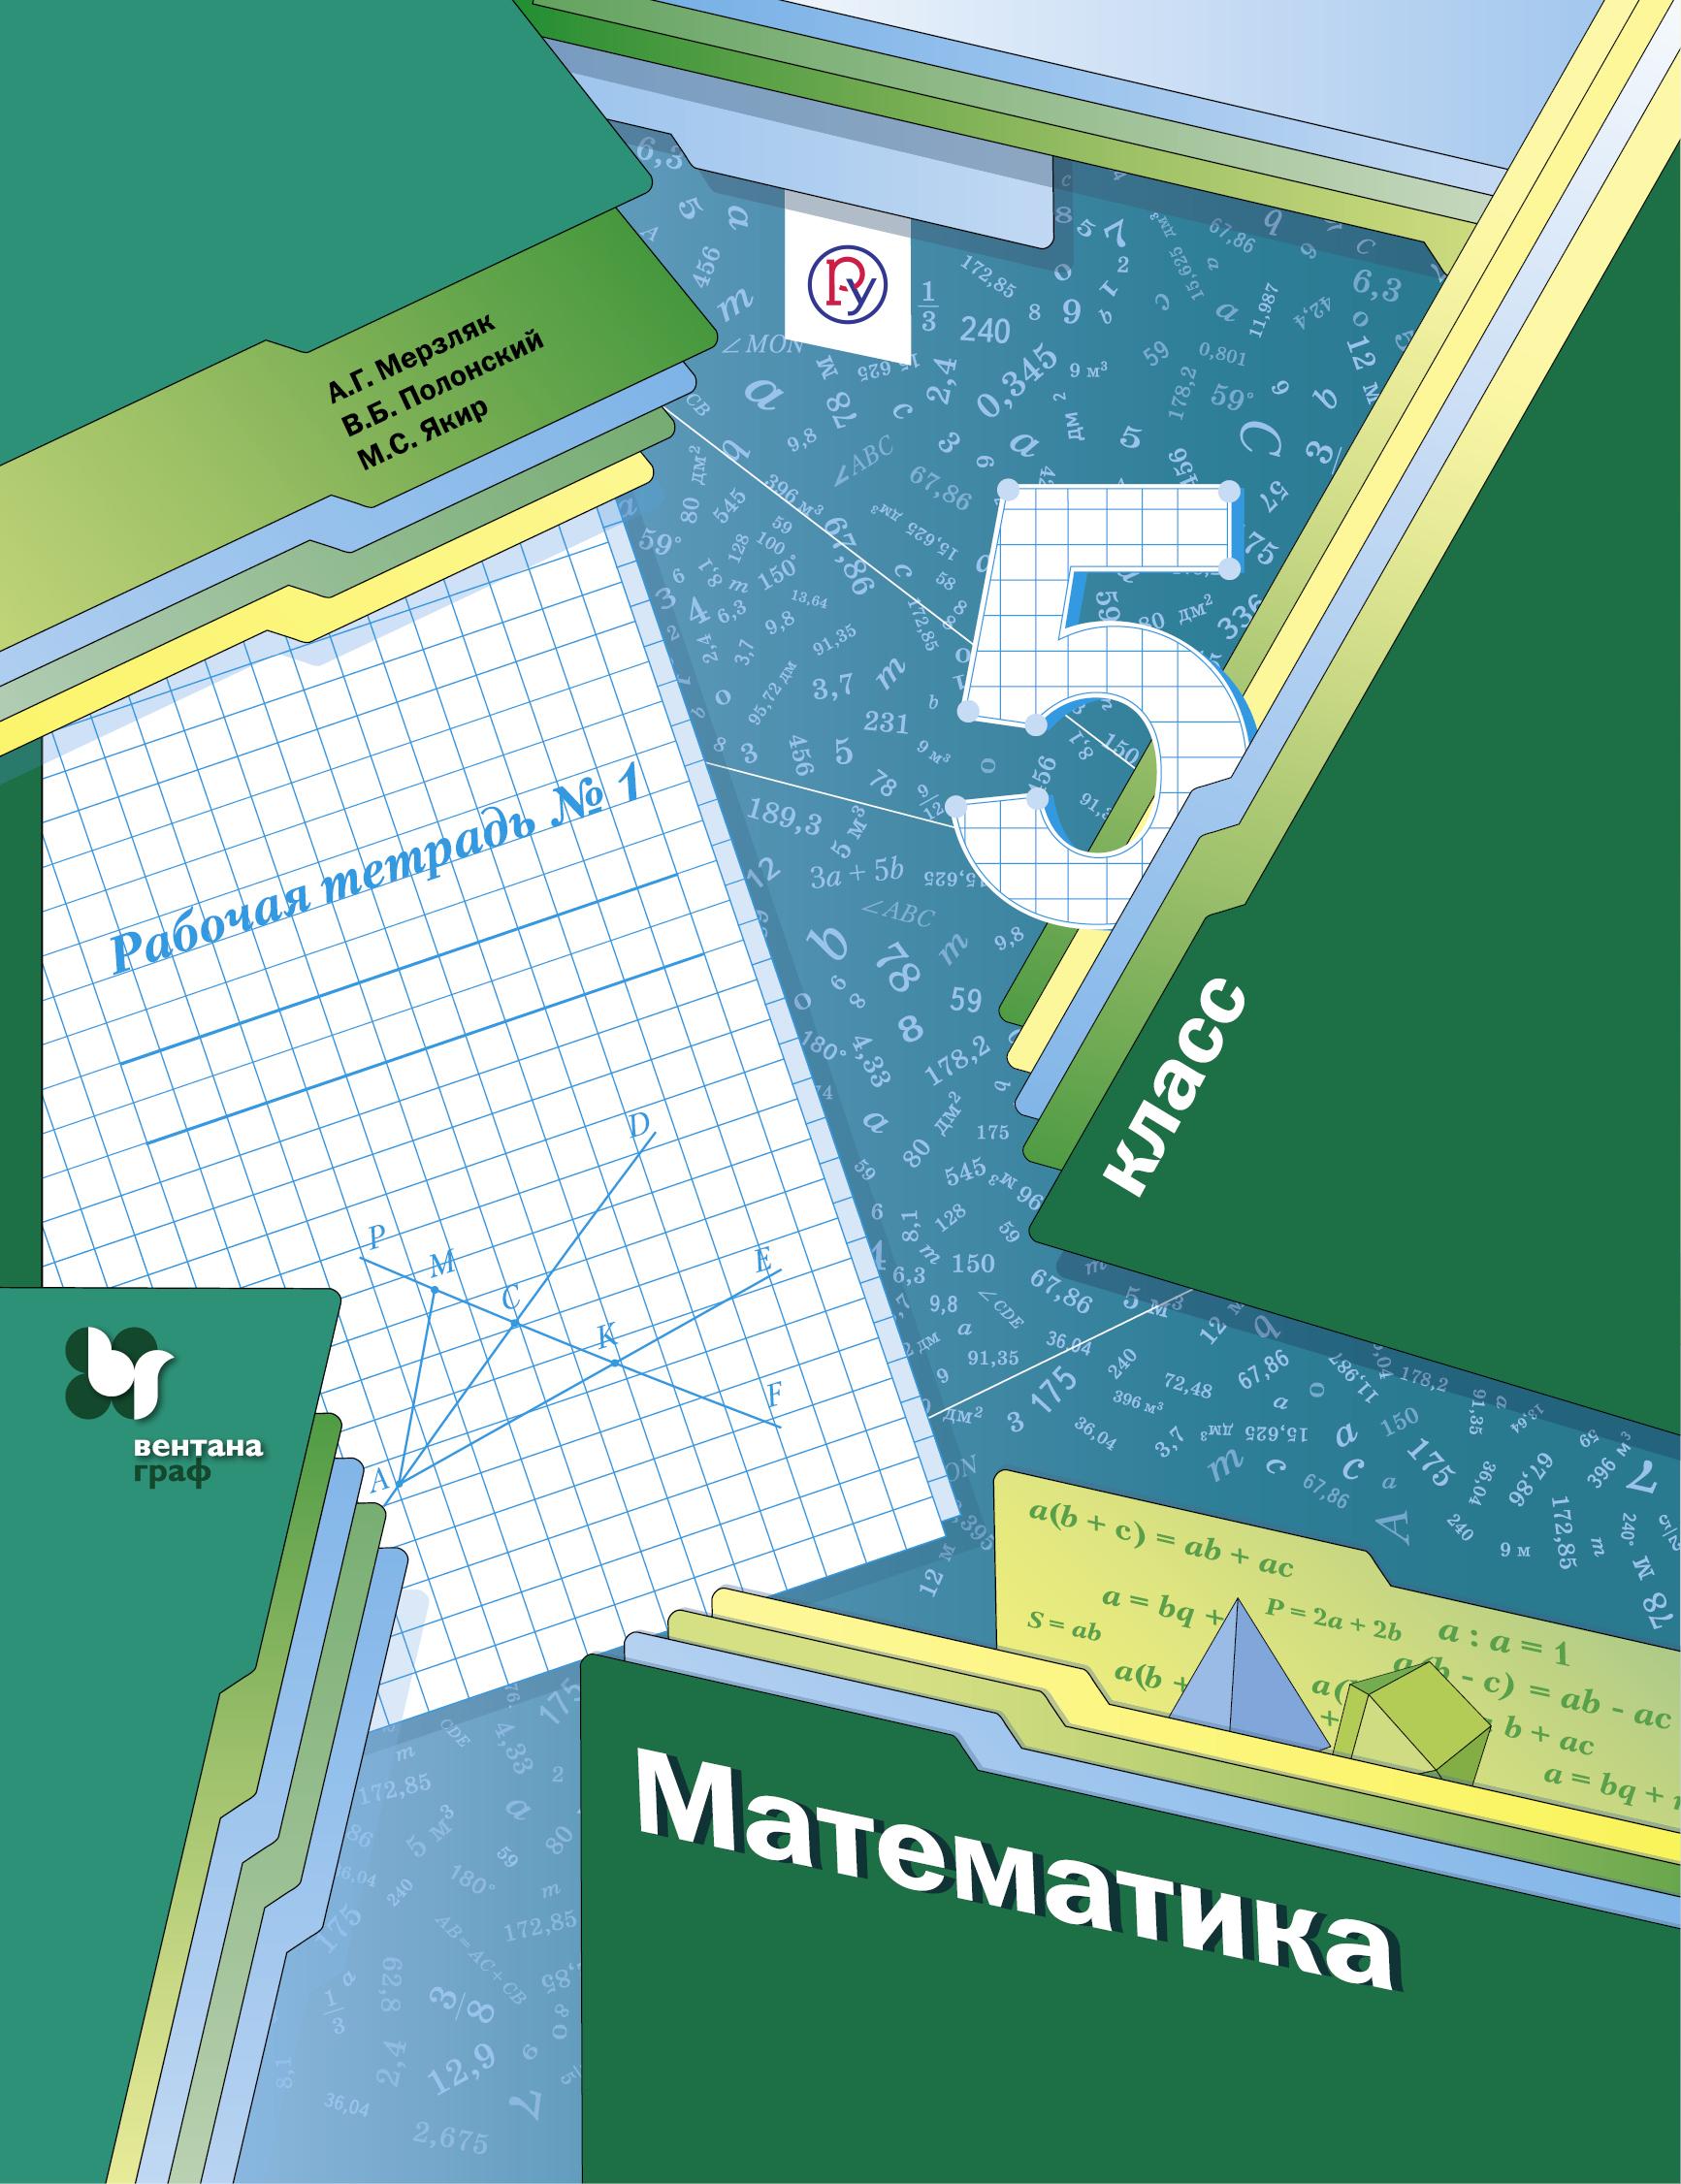 МерзлякА.Г., ПолонскийВ.Б., ЯкирМ.С. Математика. 5класс. Рабочая тетрадь №1 готовые домашние задания математика 5 11 класс